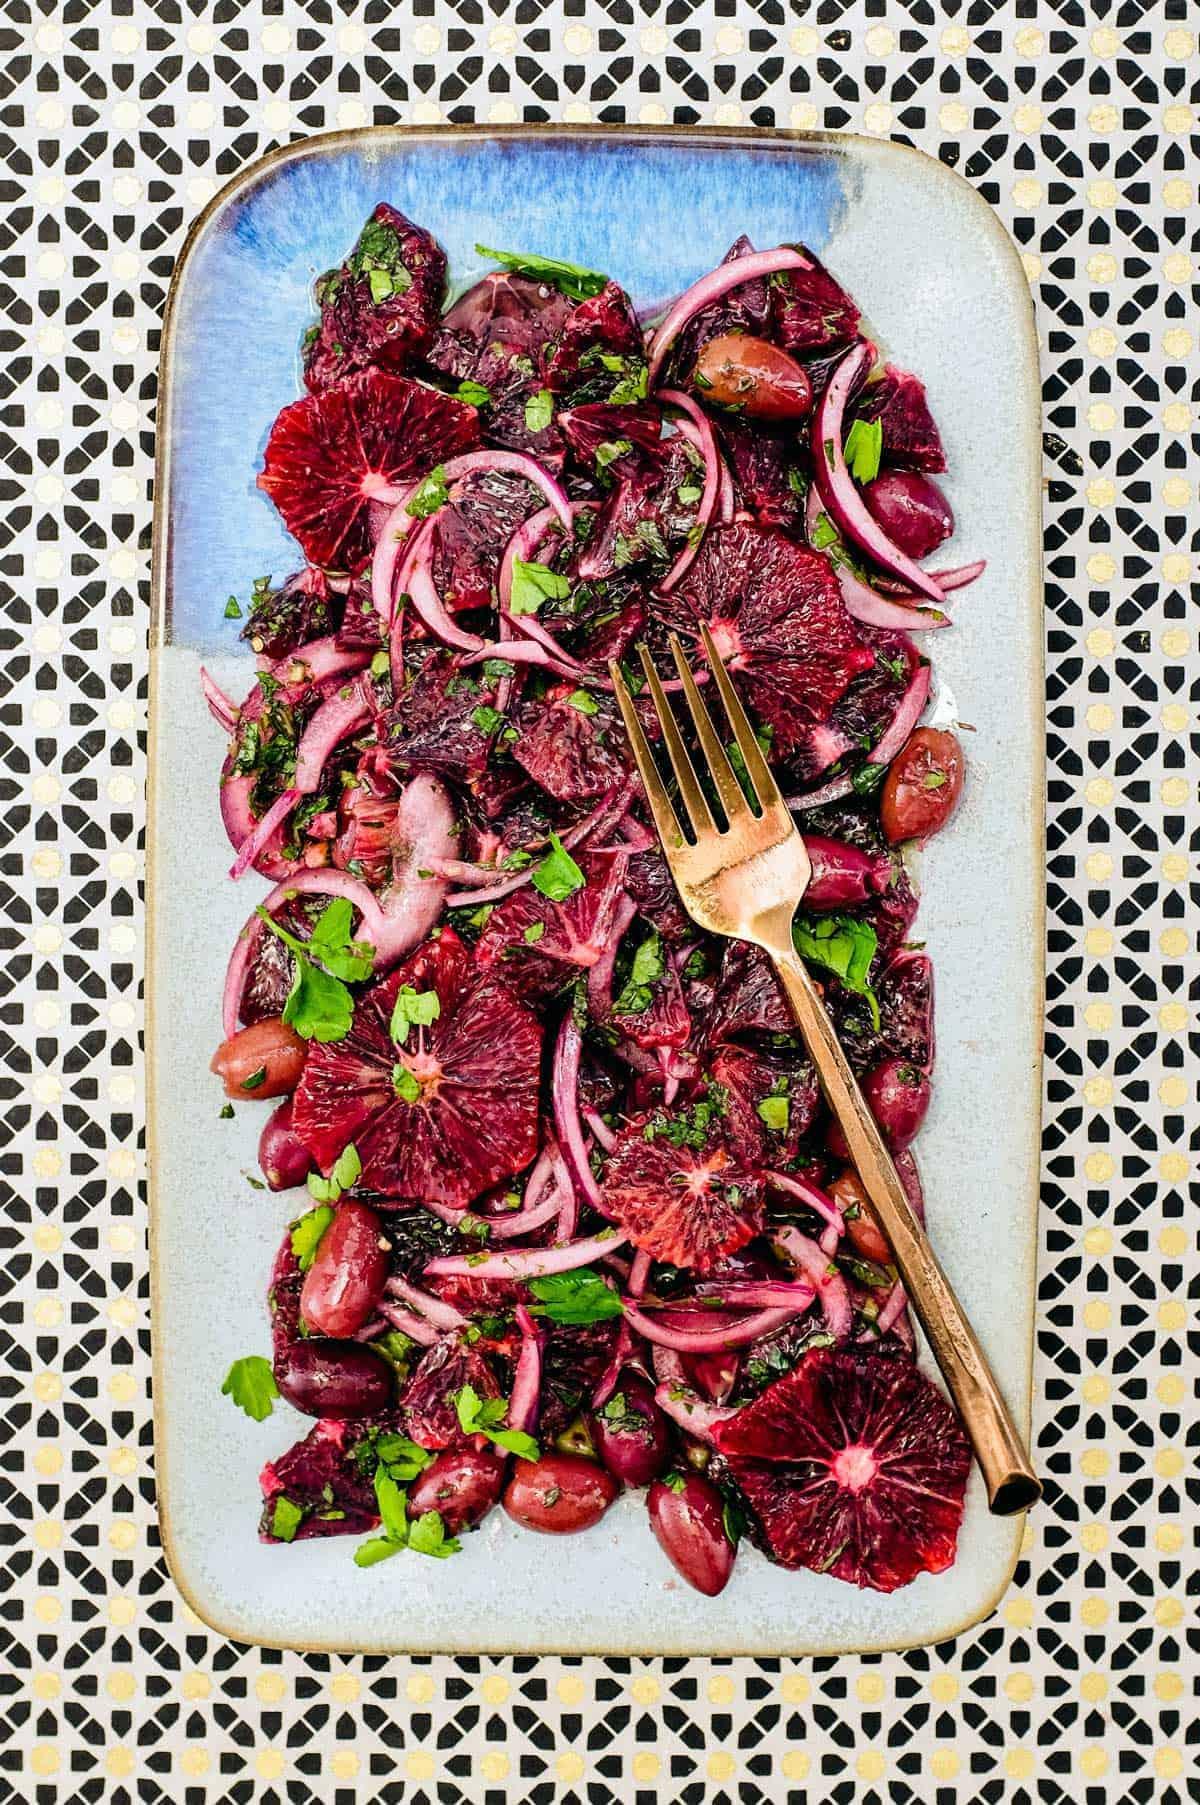 Moroccan Blood Orange & Black Olive Salad